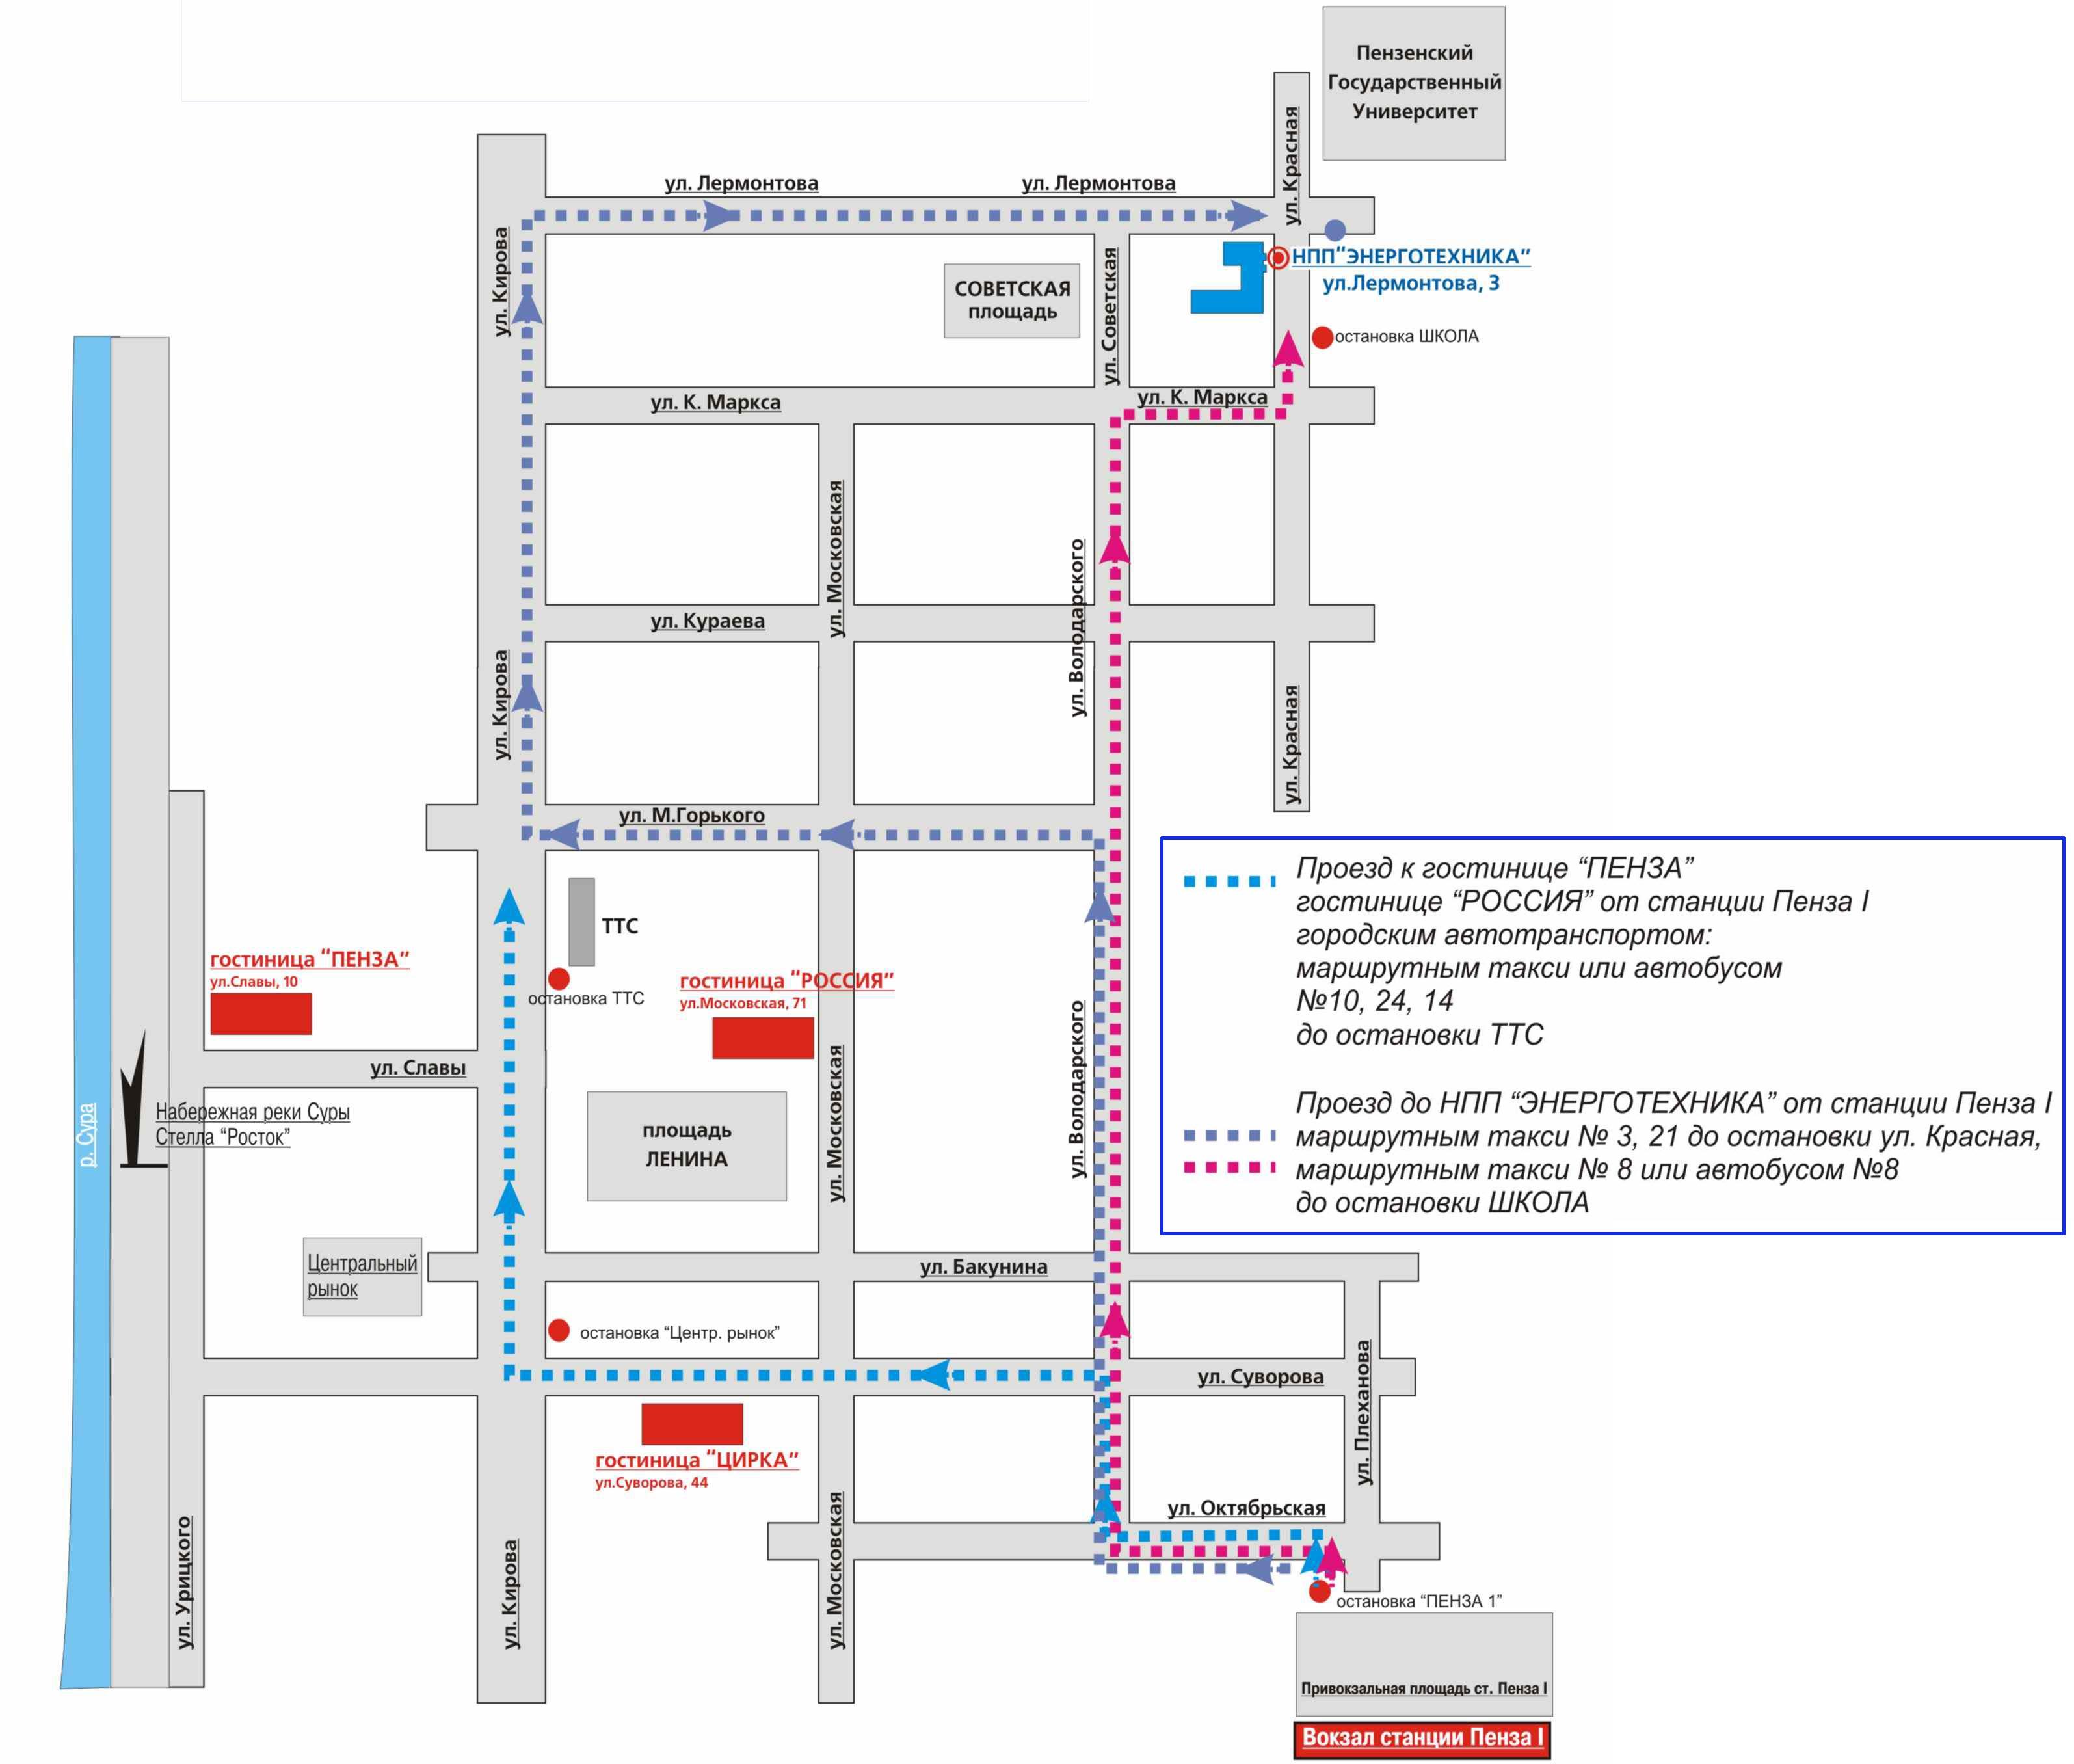 Проезд общественным транспортом: на автобусе или...  Адрес, по которому мы расположены: 440026, Россия, г. Пенза, ул...